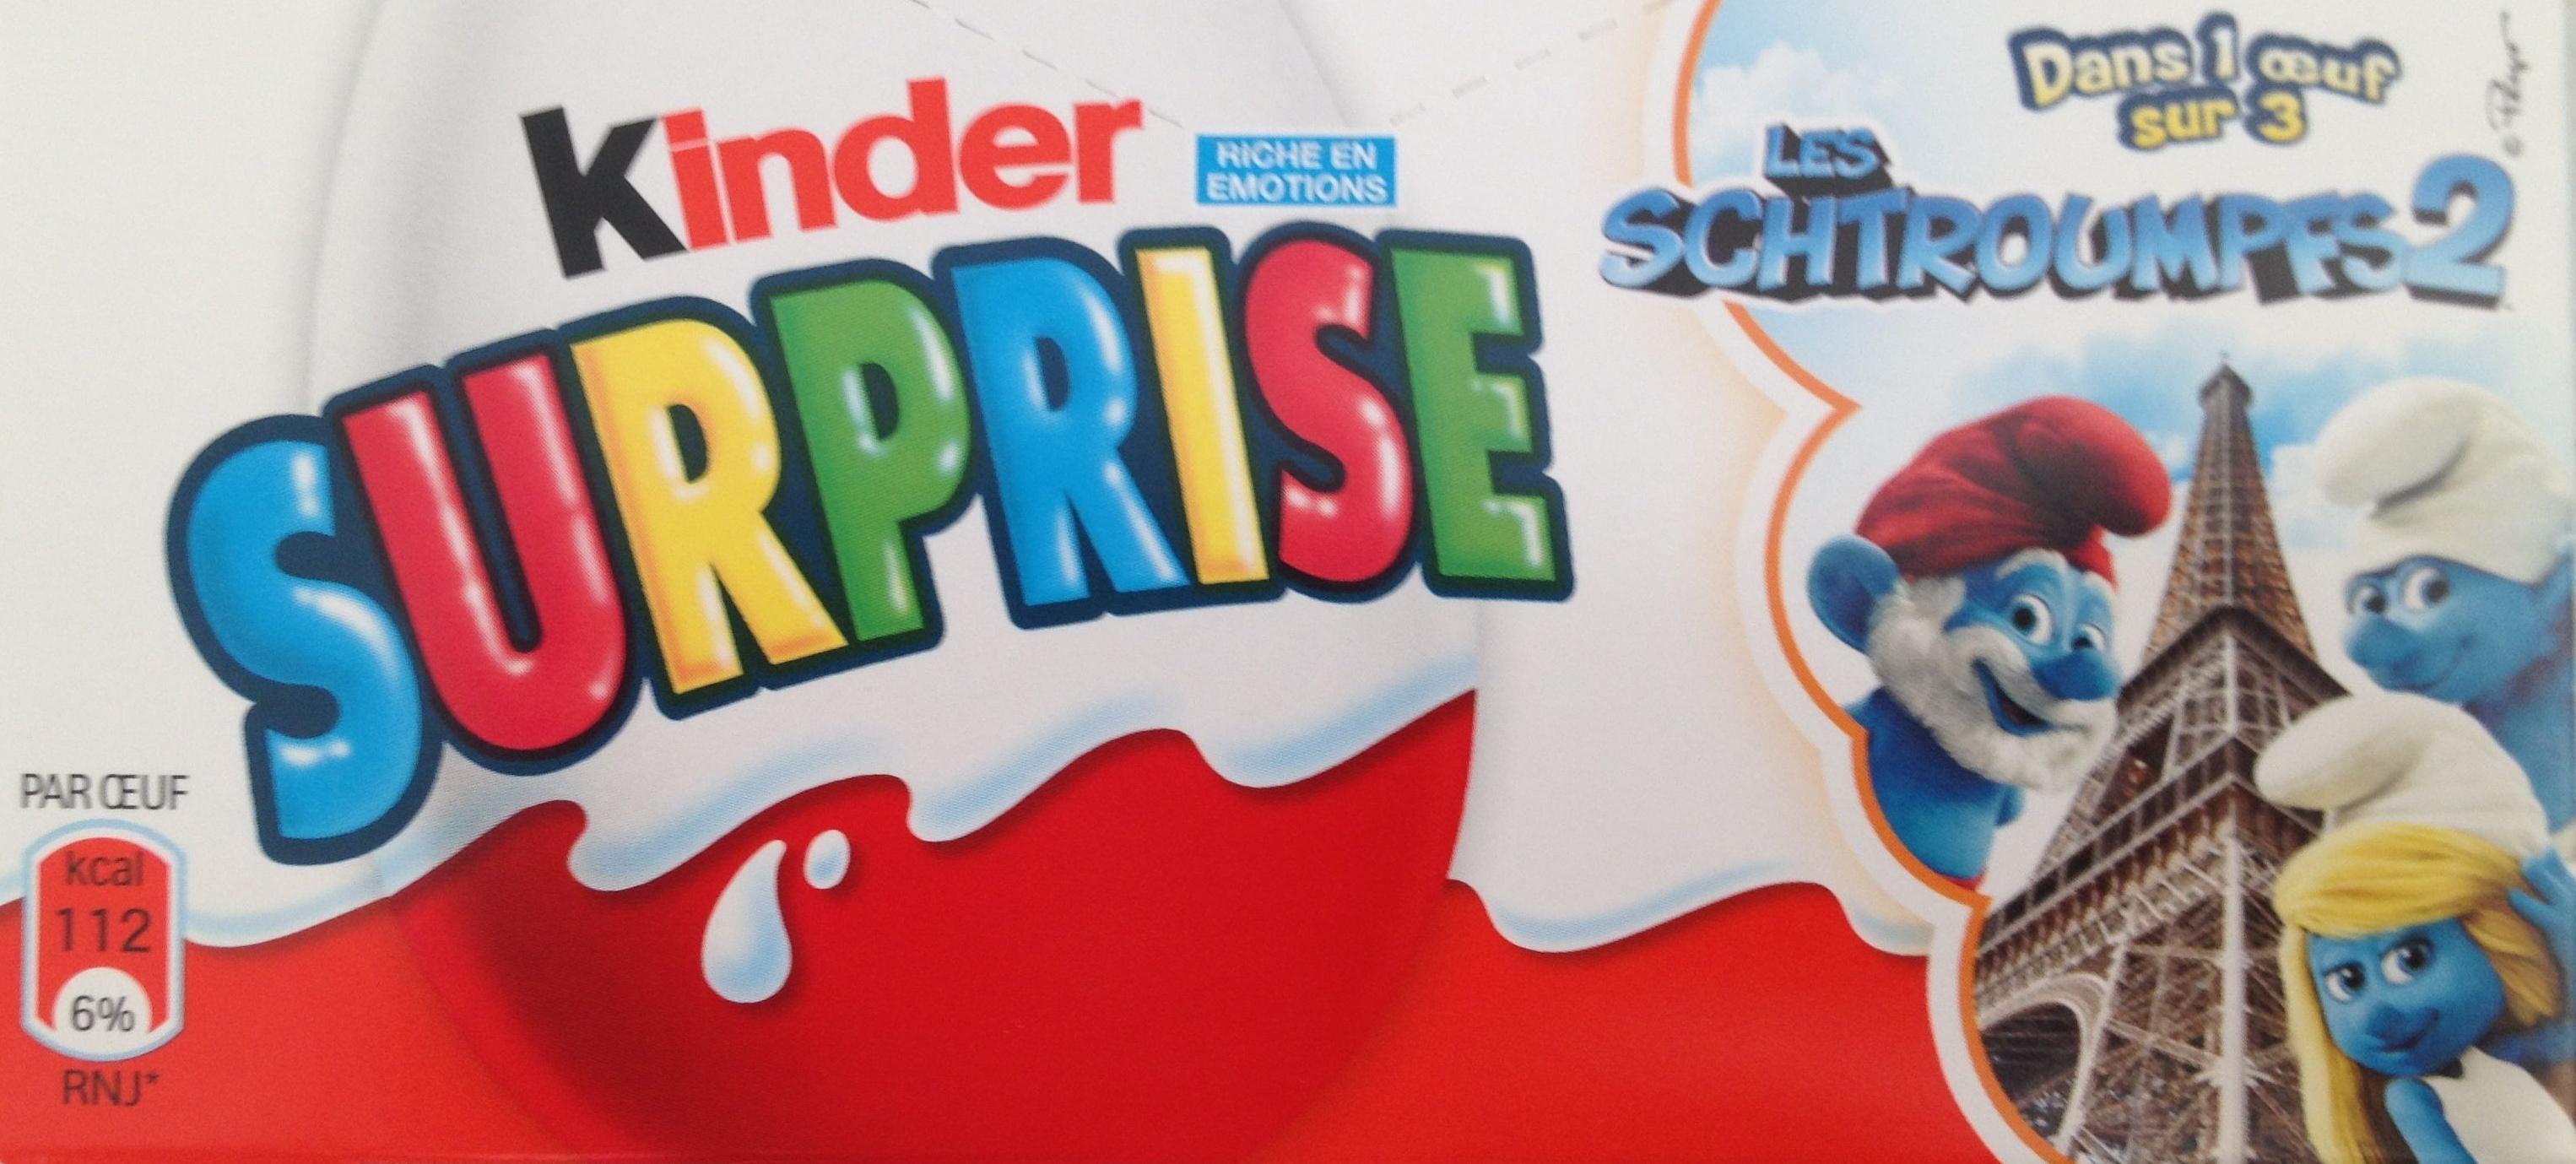 Kinder Suprise - Product - fr